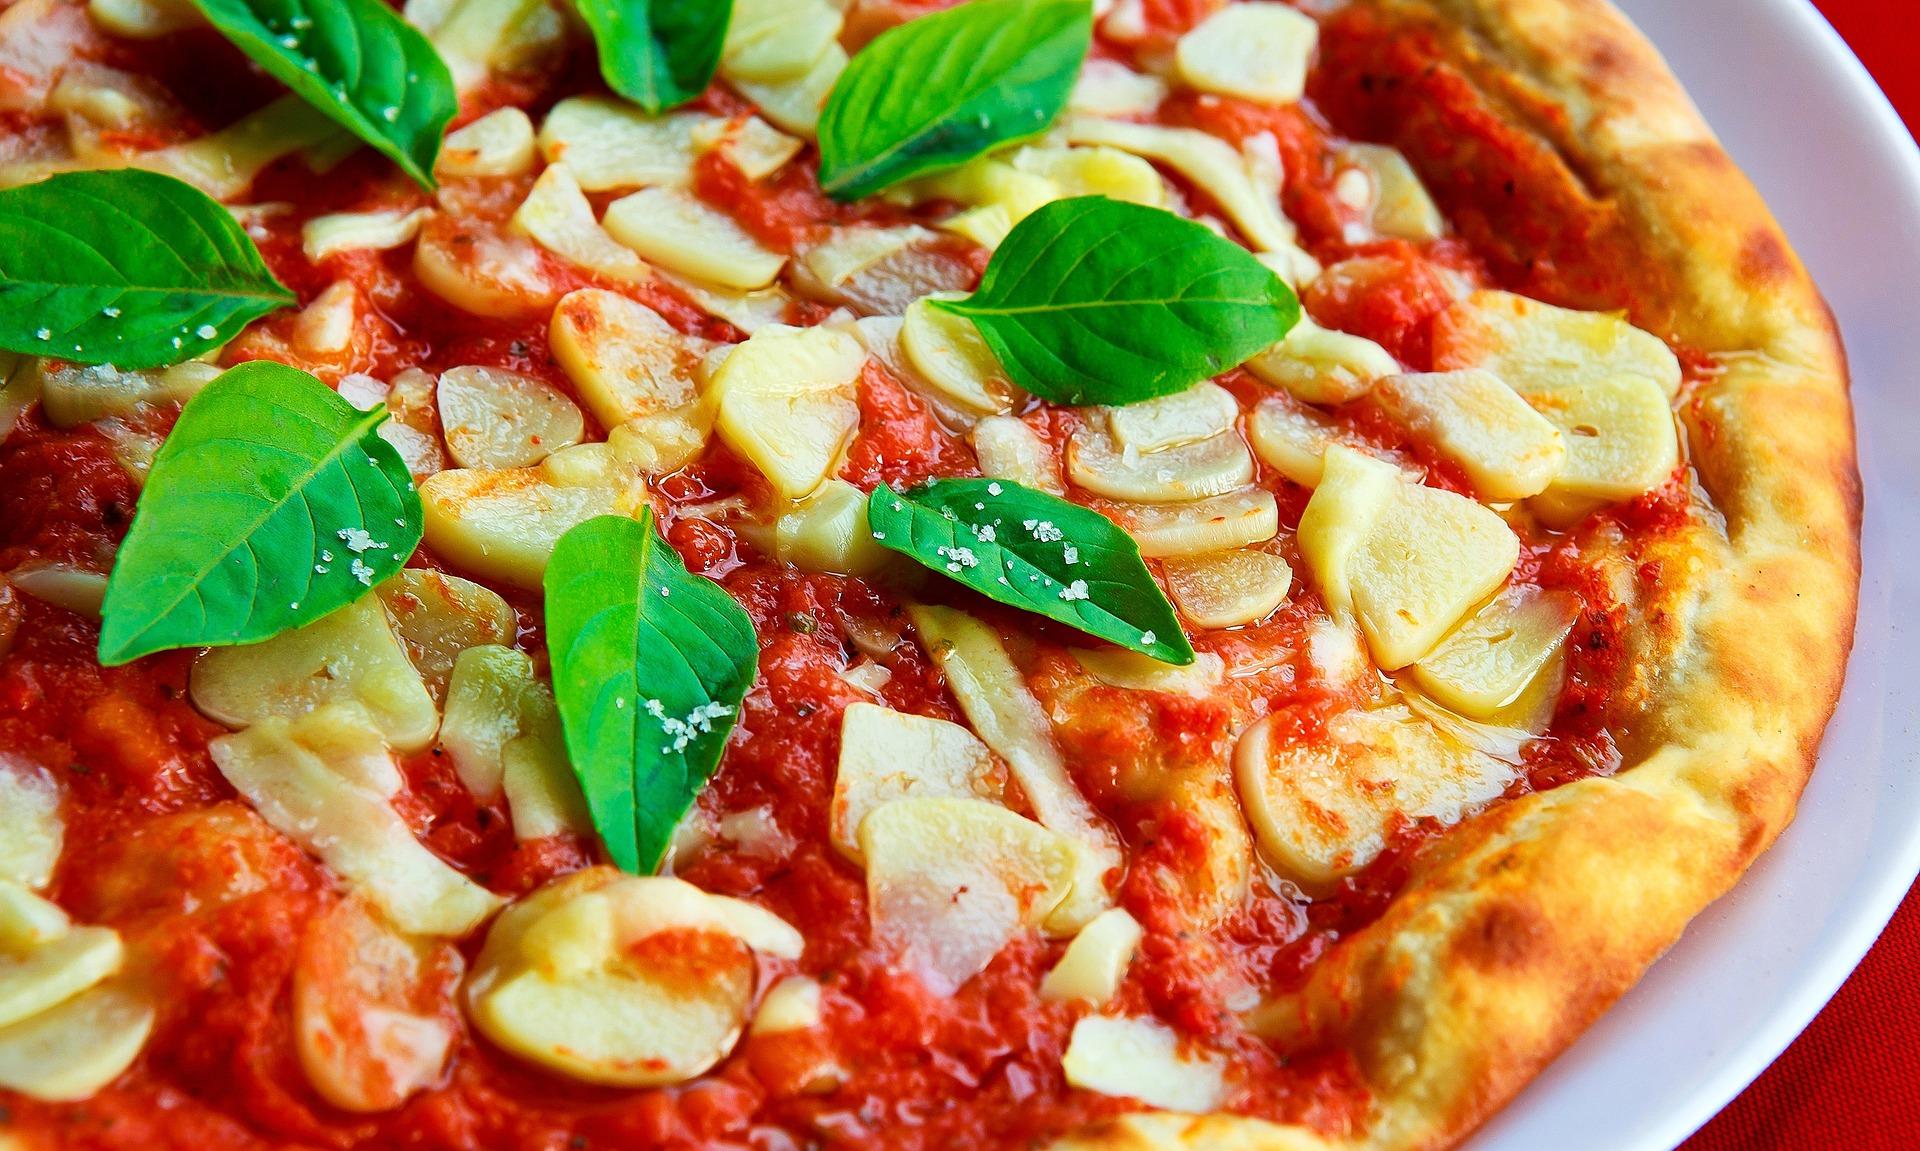 Mini Kühlschrank Mit Gefrierfach Für Pizza : Abgelaufene tk pizza tiefkühl pizza nach mhd lieber nicht mehr essen?